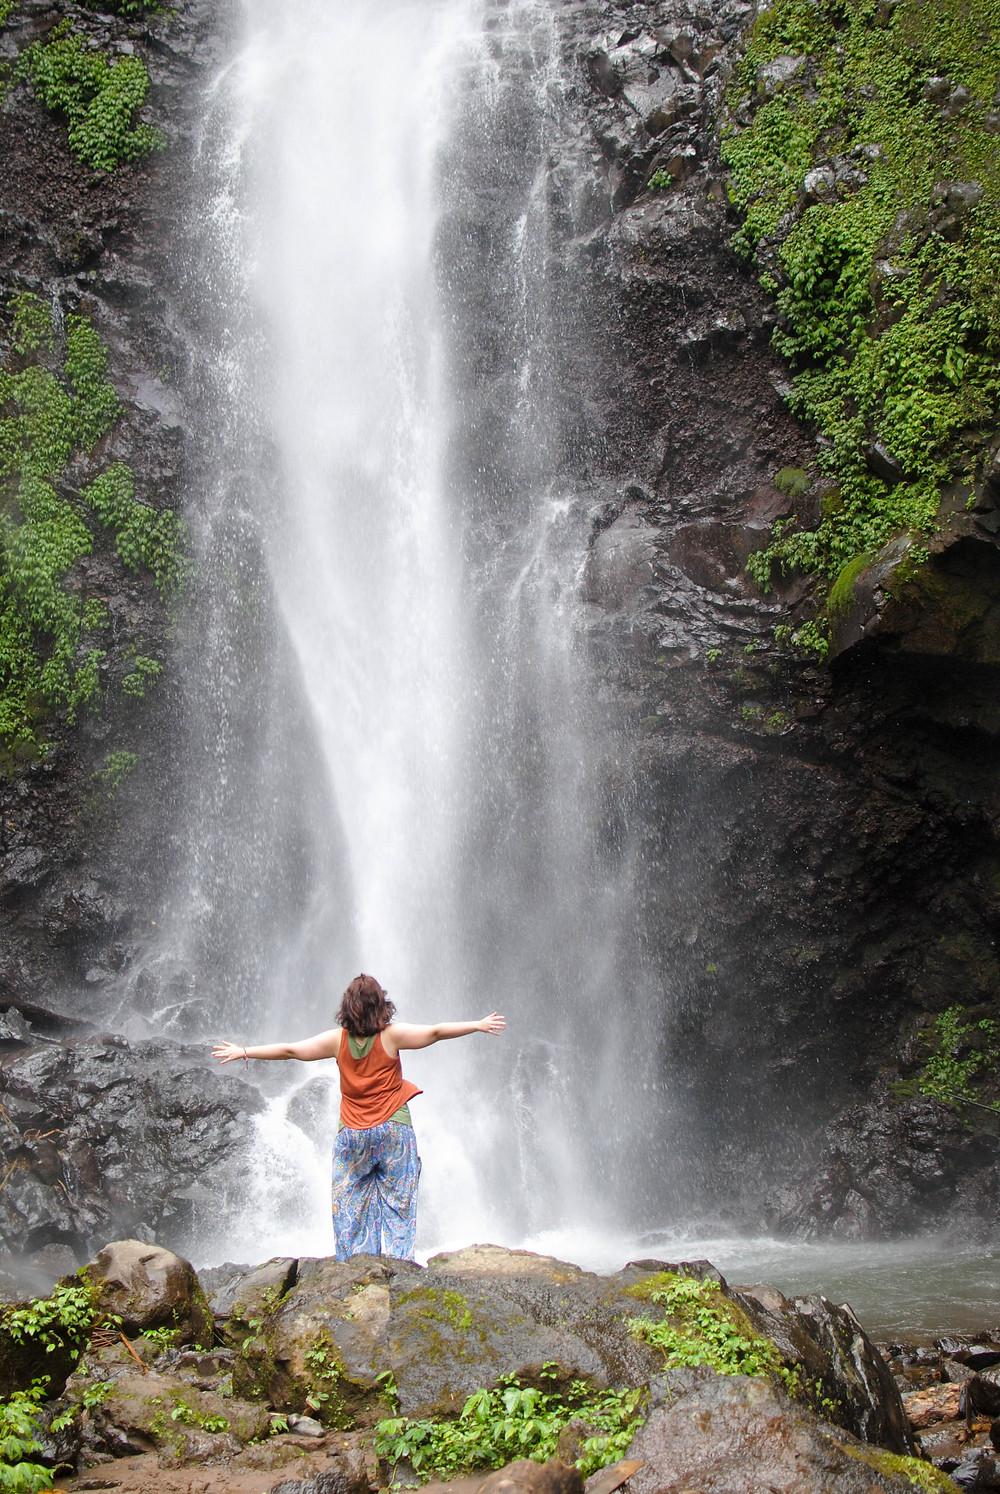 melanting waterfalls